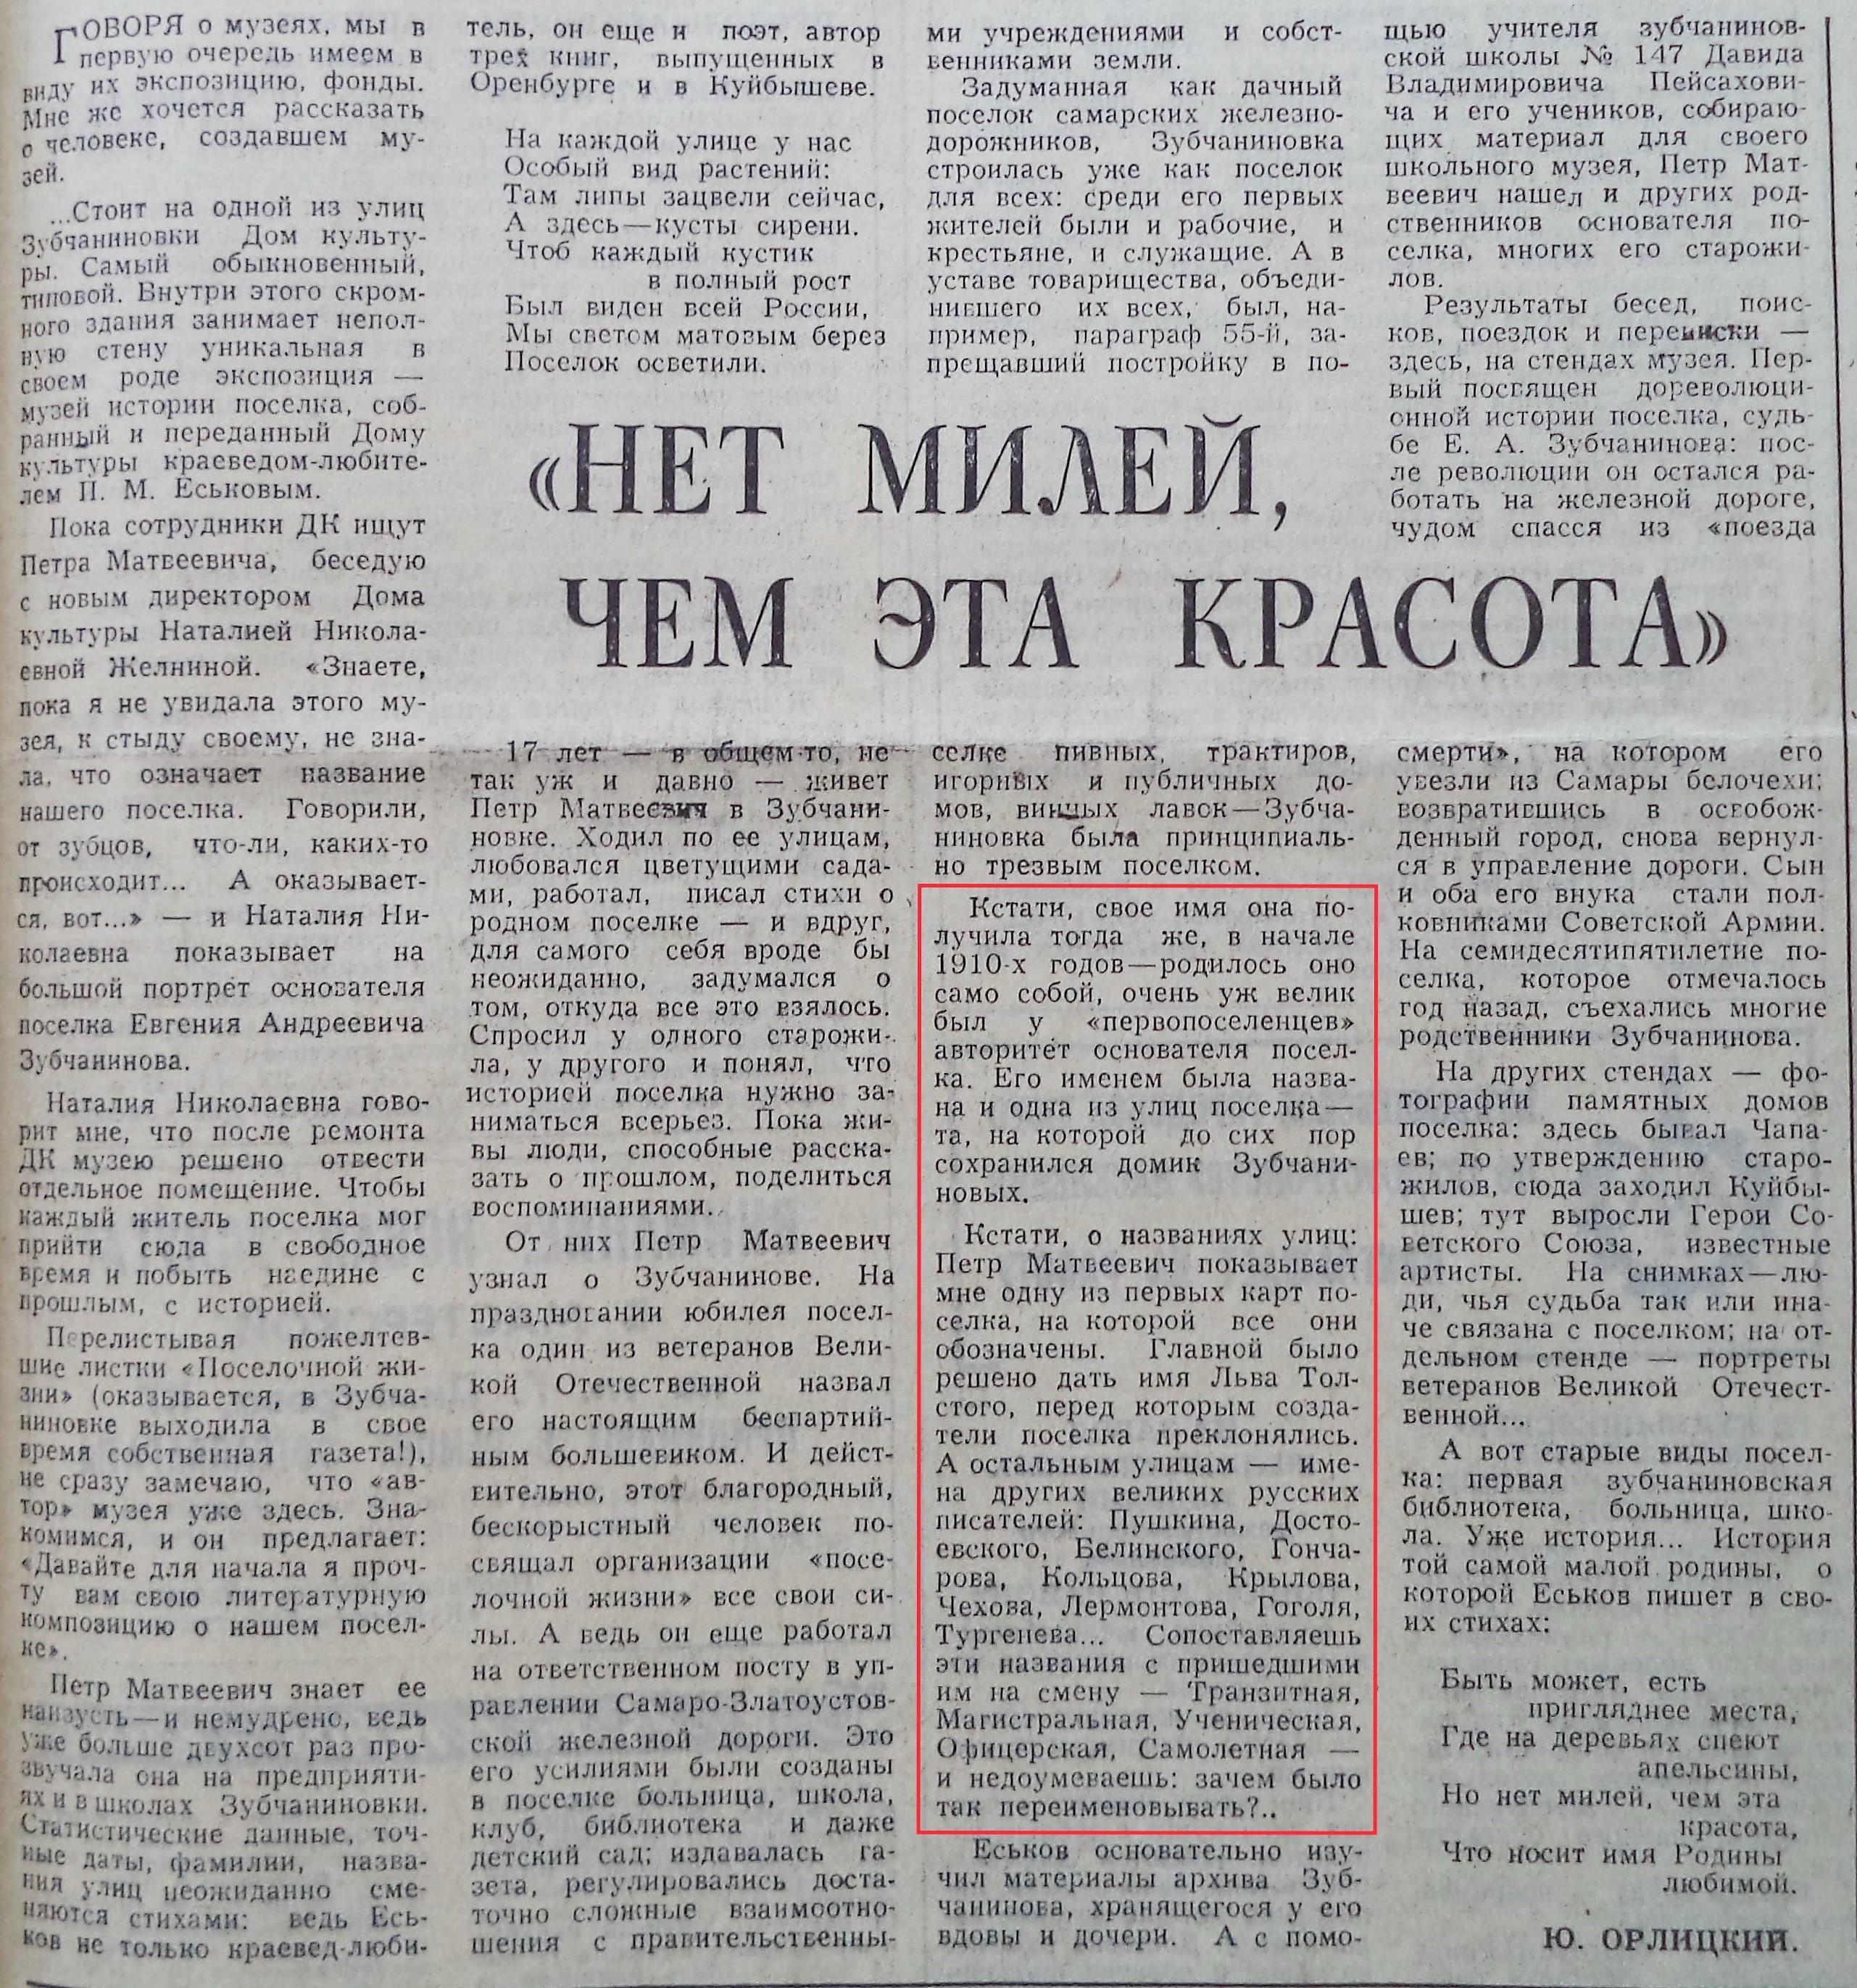 С-ФОТО-05-Самолётная-ВЗя-1986-08-13-ДК в Зубч. и краеведение-min